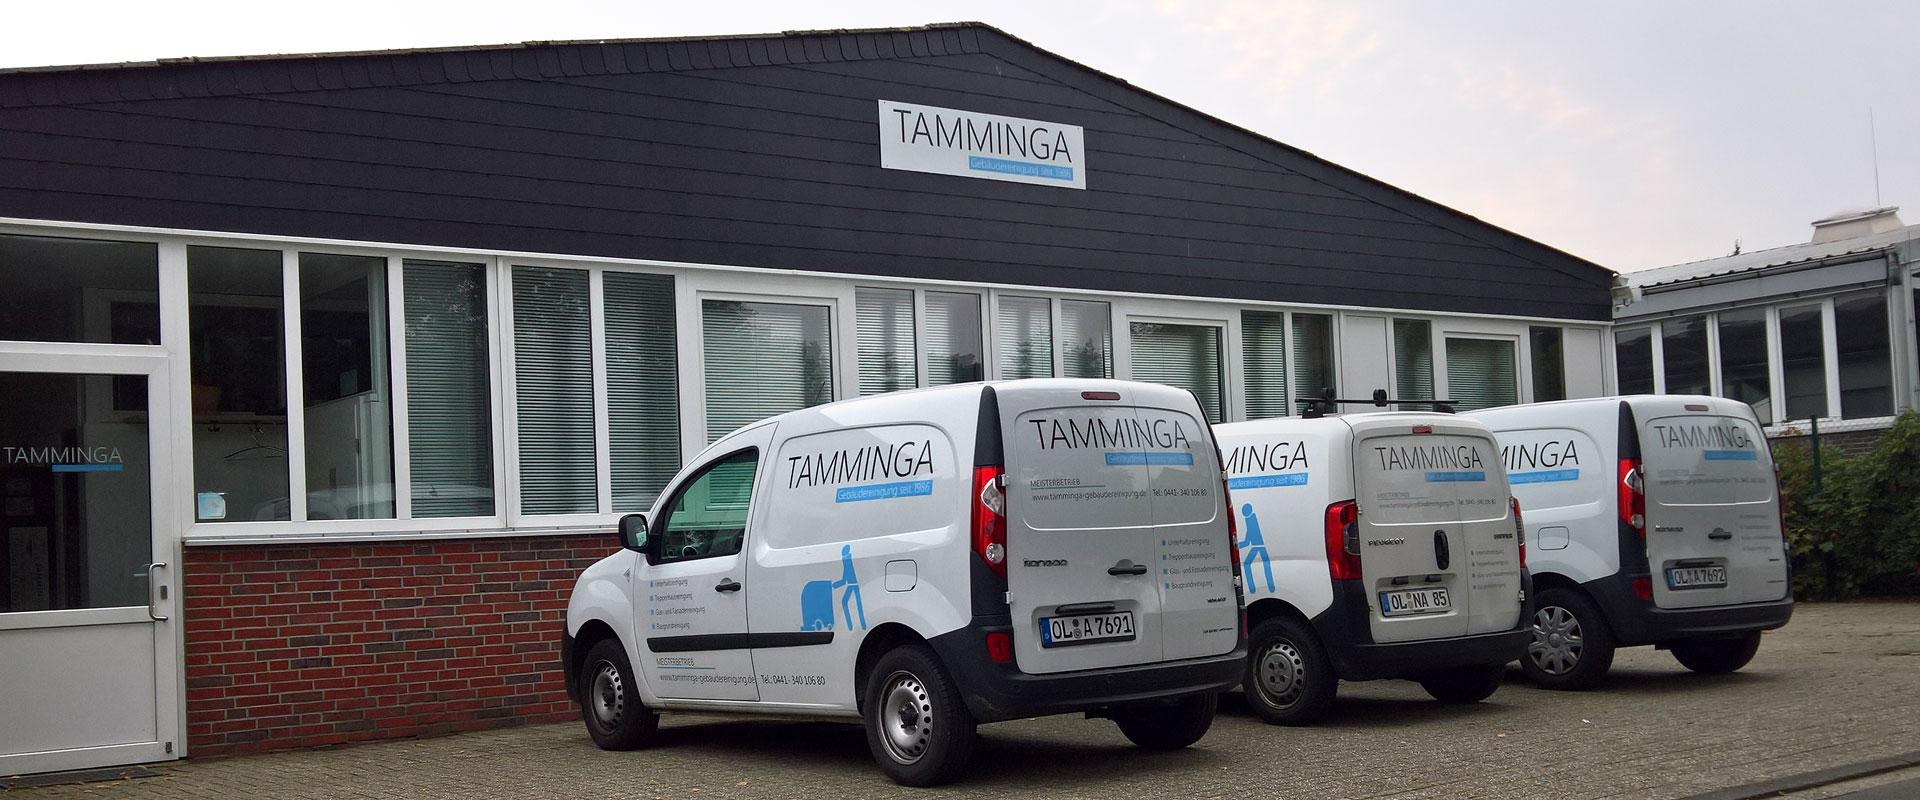 Tamminga Gebäudereinigung - Fahrzeugbeschriftung